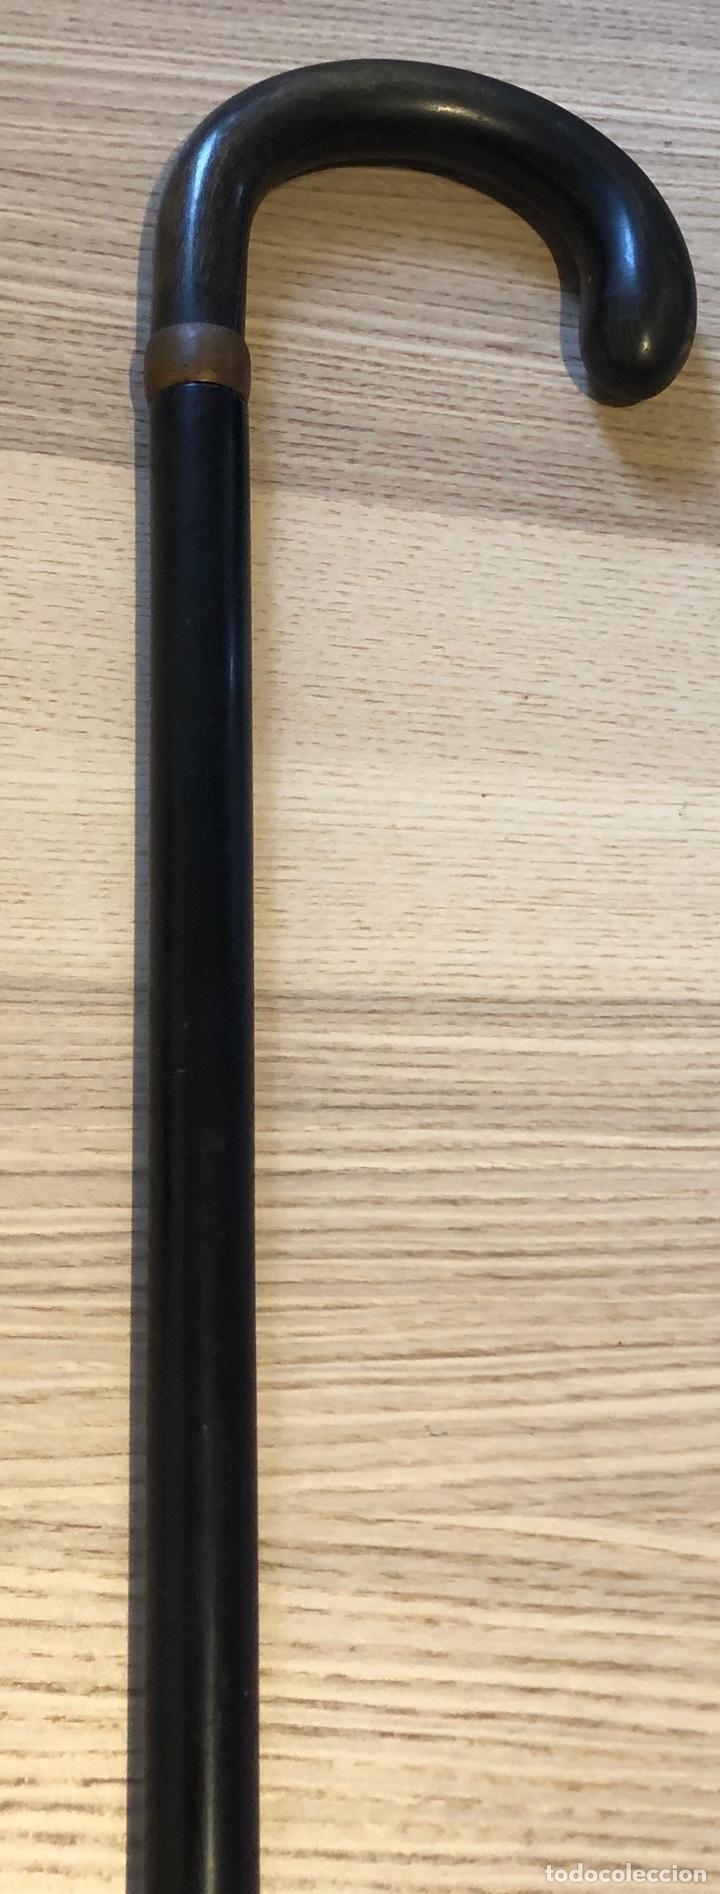 Antigüedades: Antiguo bastón, de línea muy sobria, en madera, y madera ebonizada. - Foto 3 - 211999880